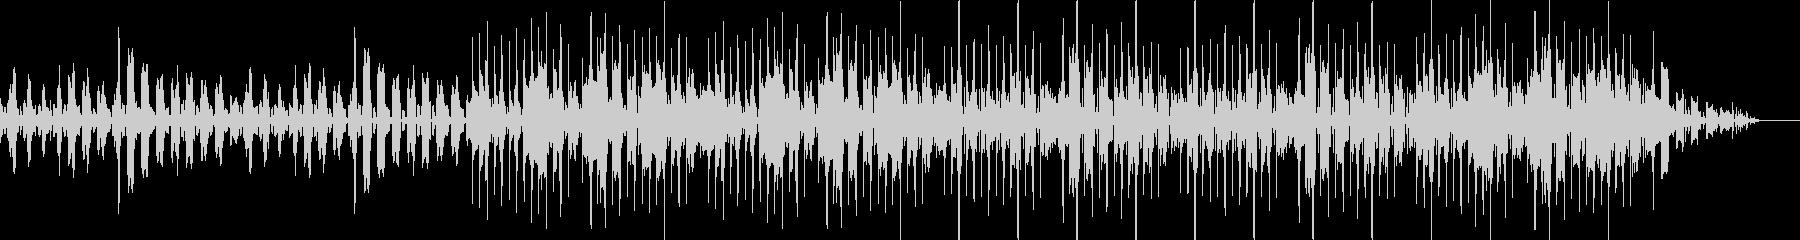 ベースとキック(バスドラム)抜きの未再生の波形